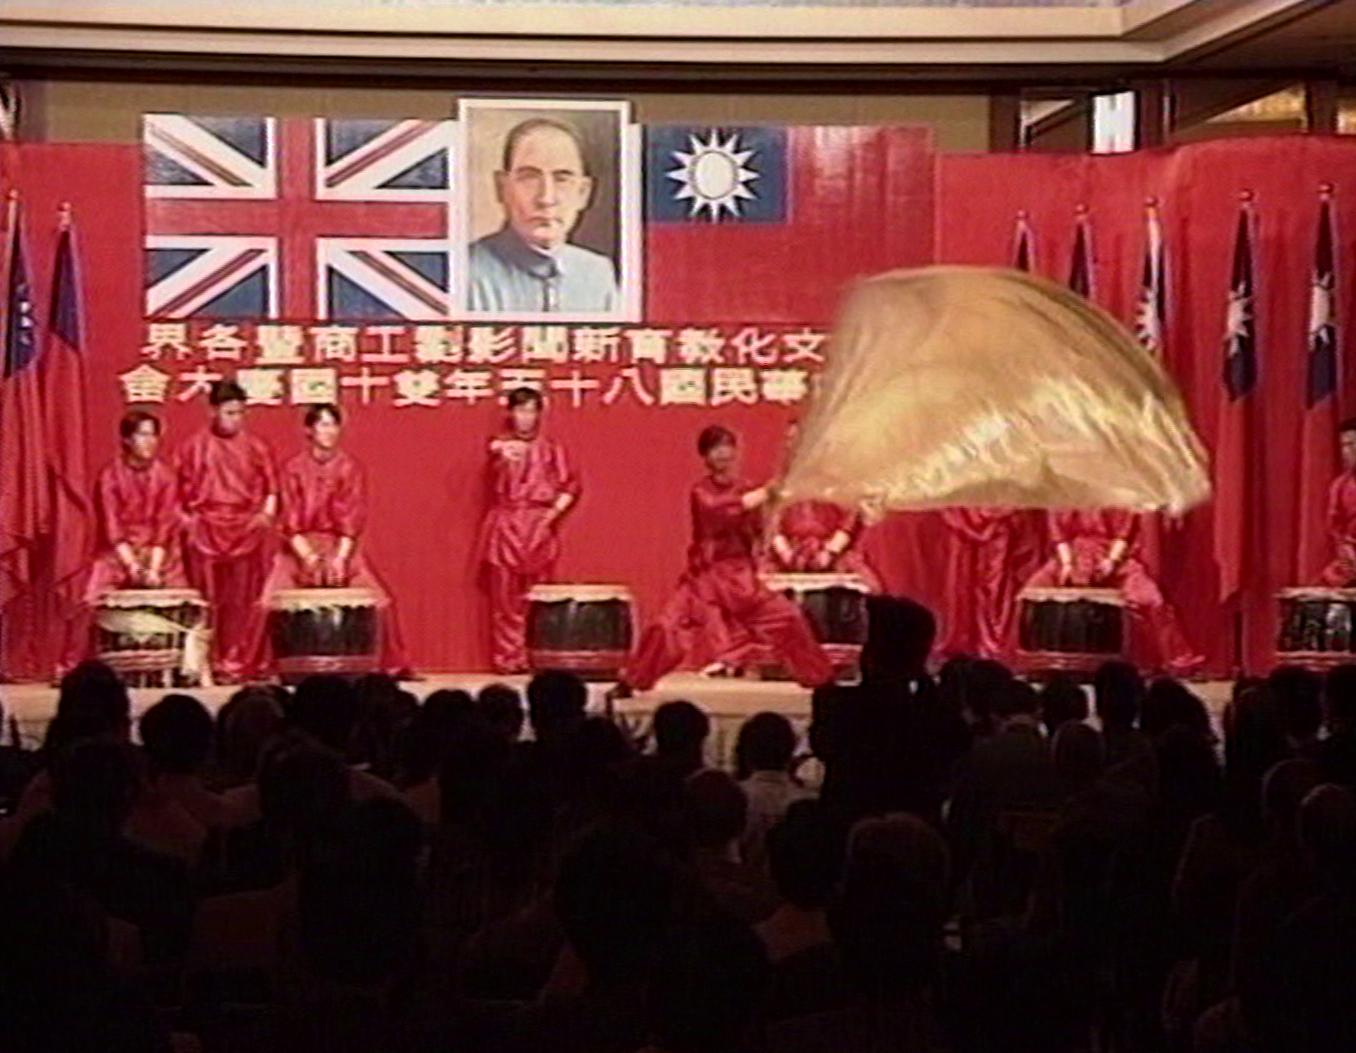 台灣學者林泉忠指即使在港英時代,台灣亦有代表人員派駐在港。圖為回歸前香港慶祝雙十節的情況。(美聯社資料圖片)